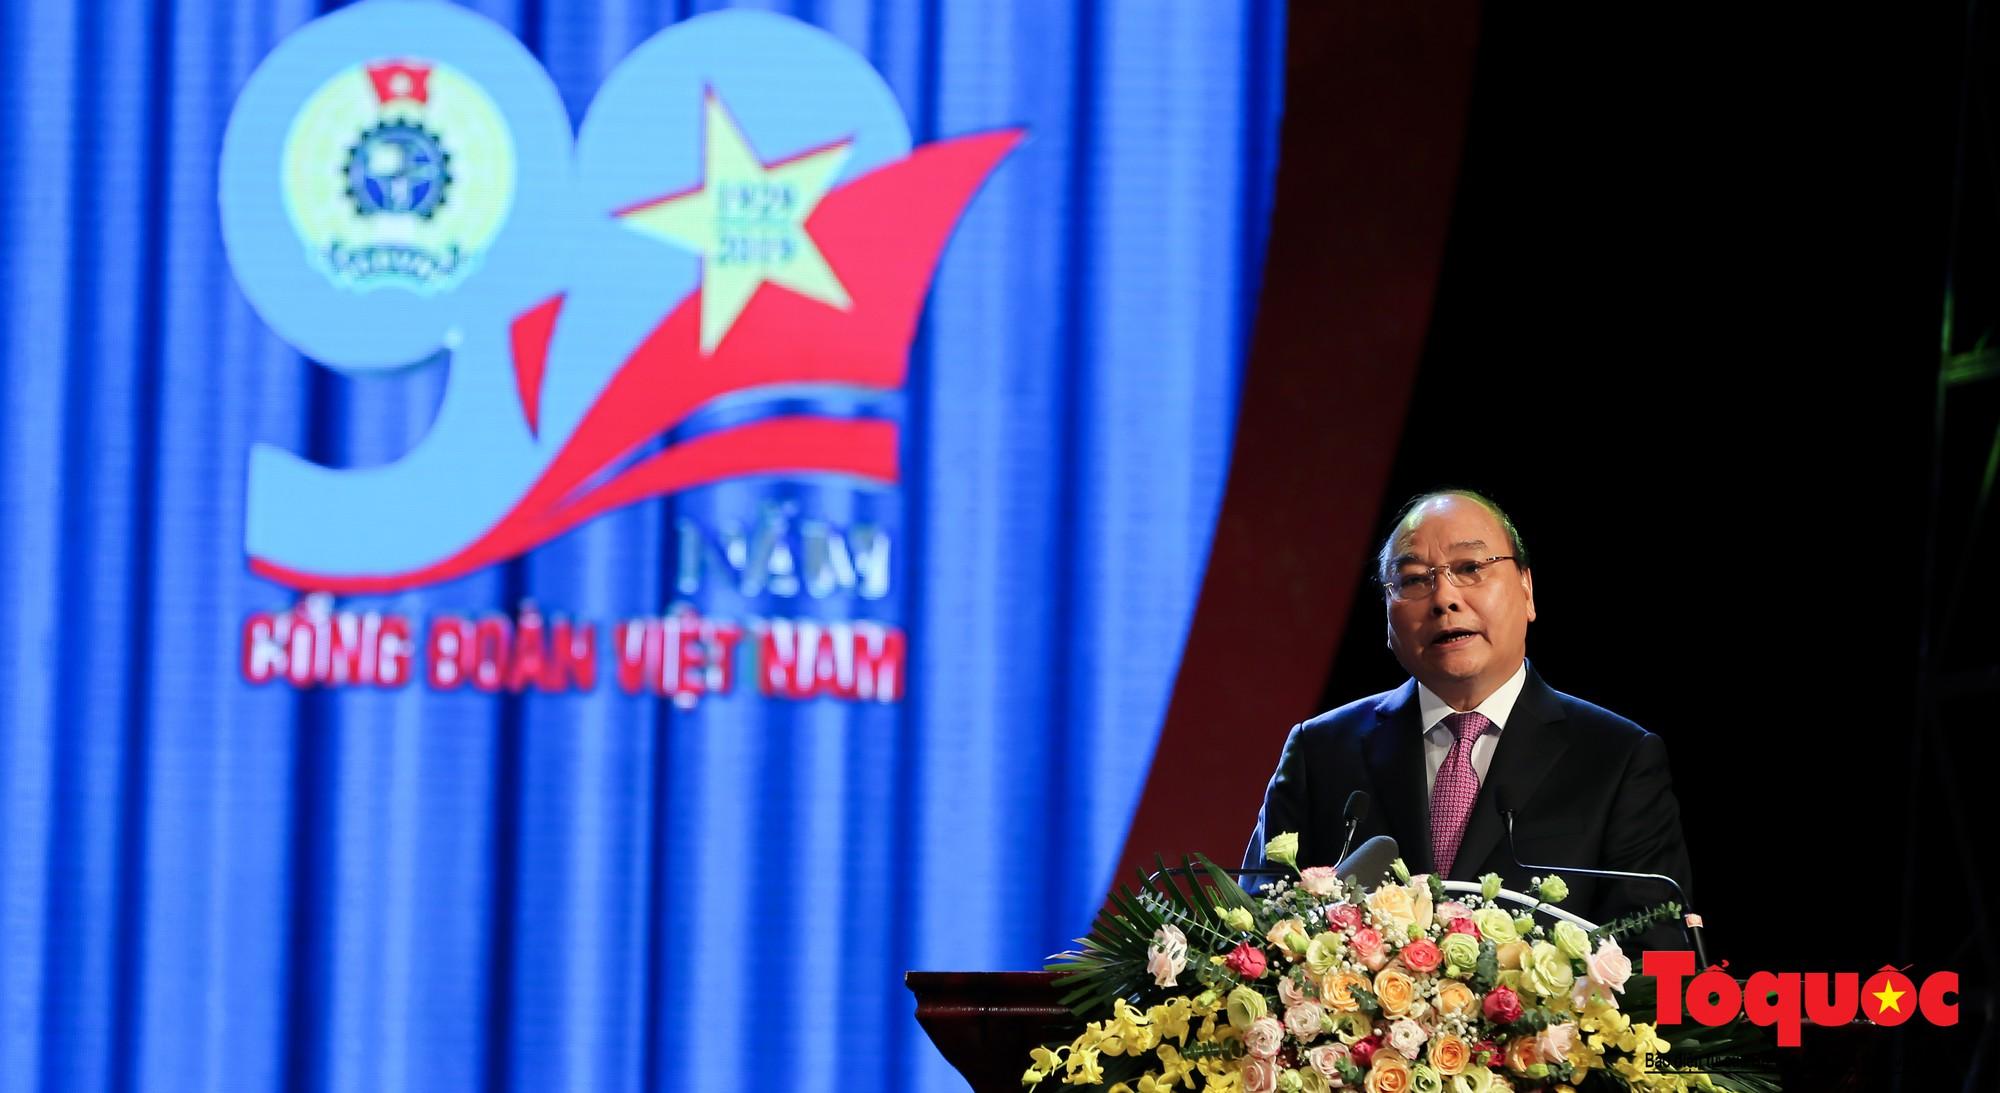 Long trọng Lễ kỷ niệm 90 năm Ngày thành lập Công đoàn Việt Nam (12)